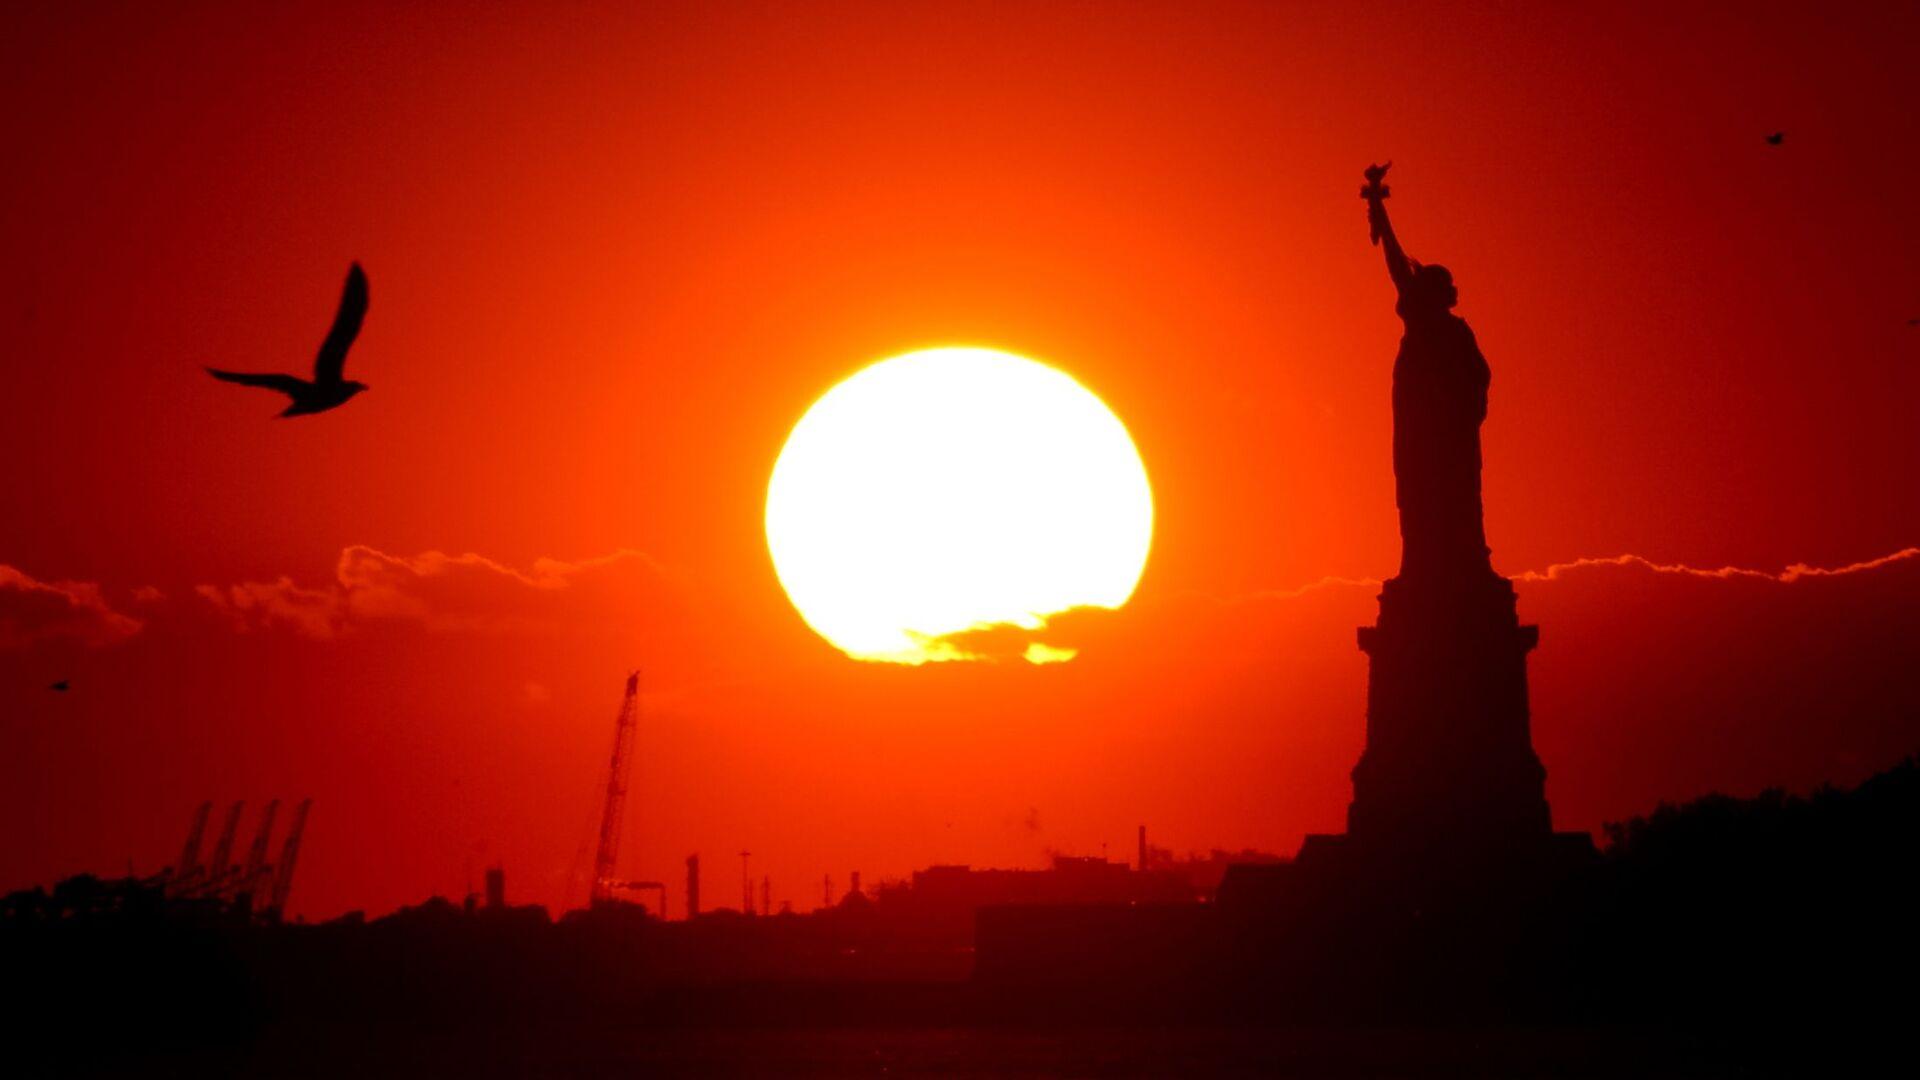 Статуя Свободы в Нью-Йорке - РИА Новости, 1920, 29.07.2021